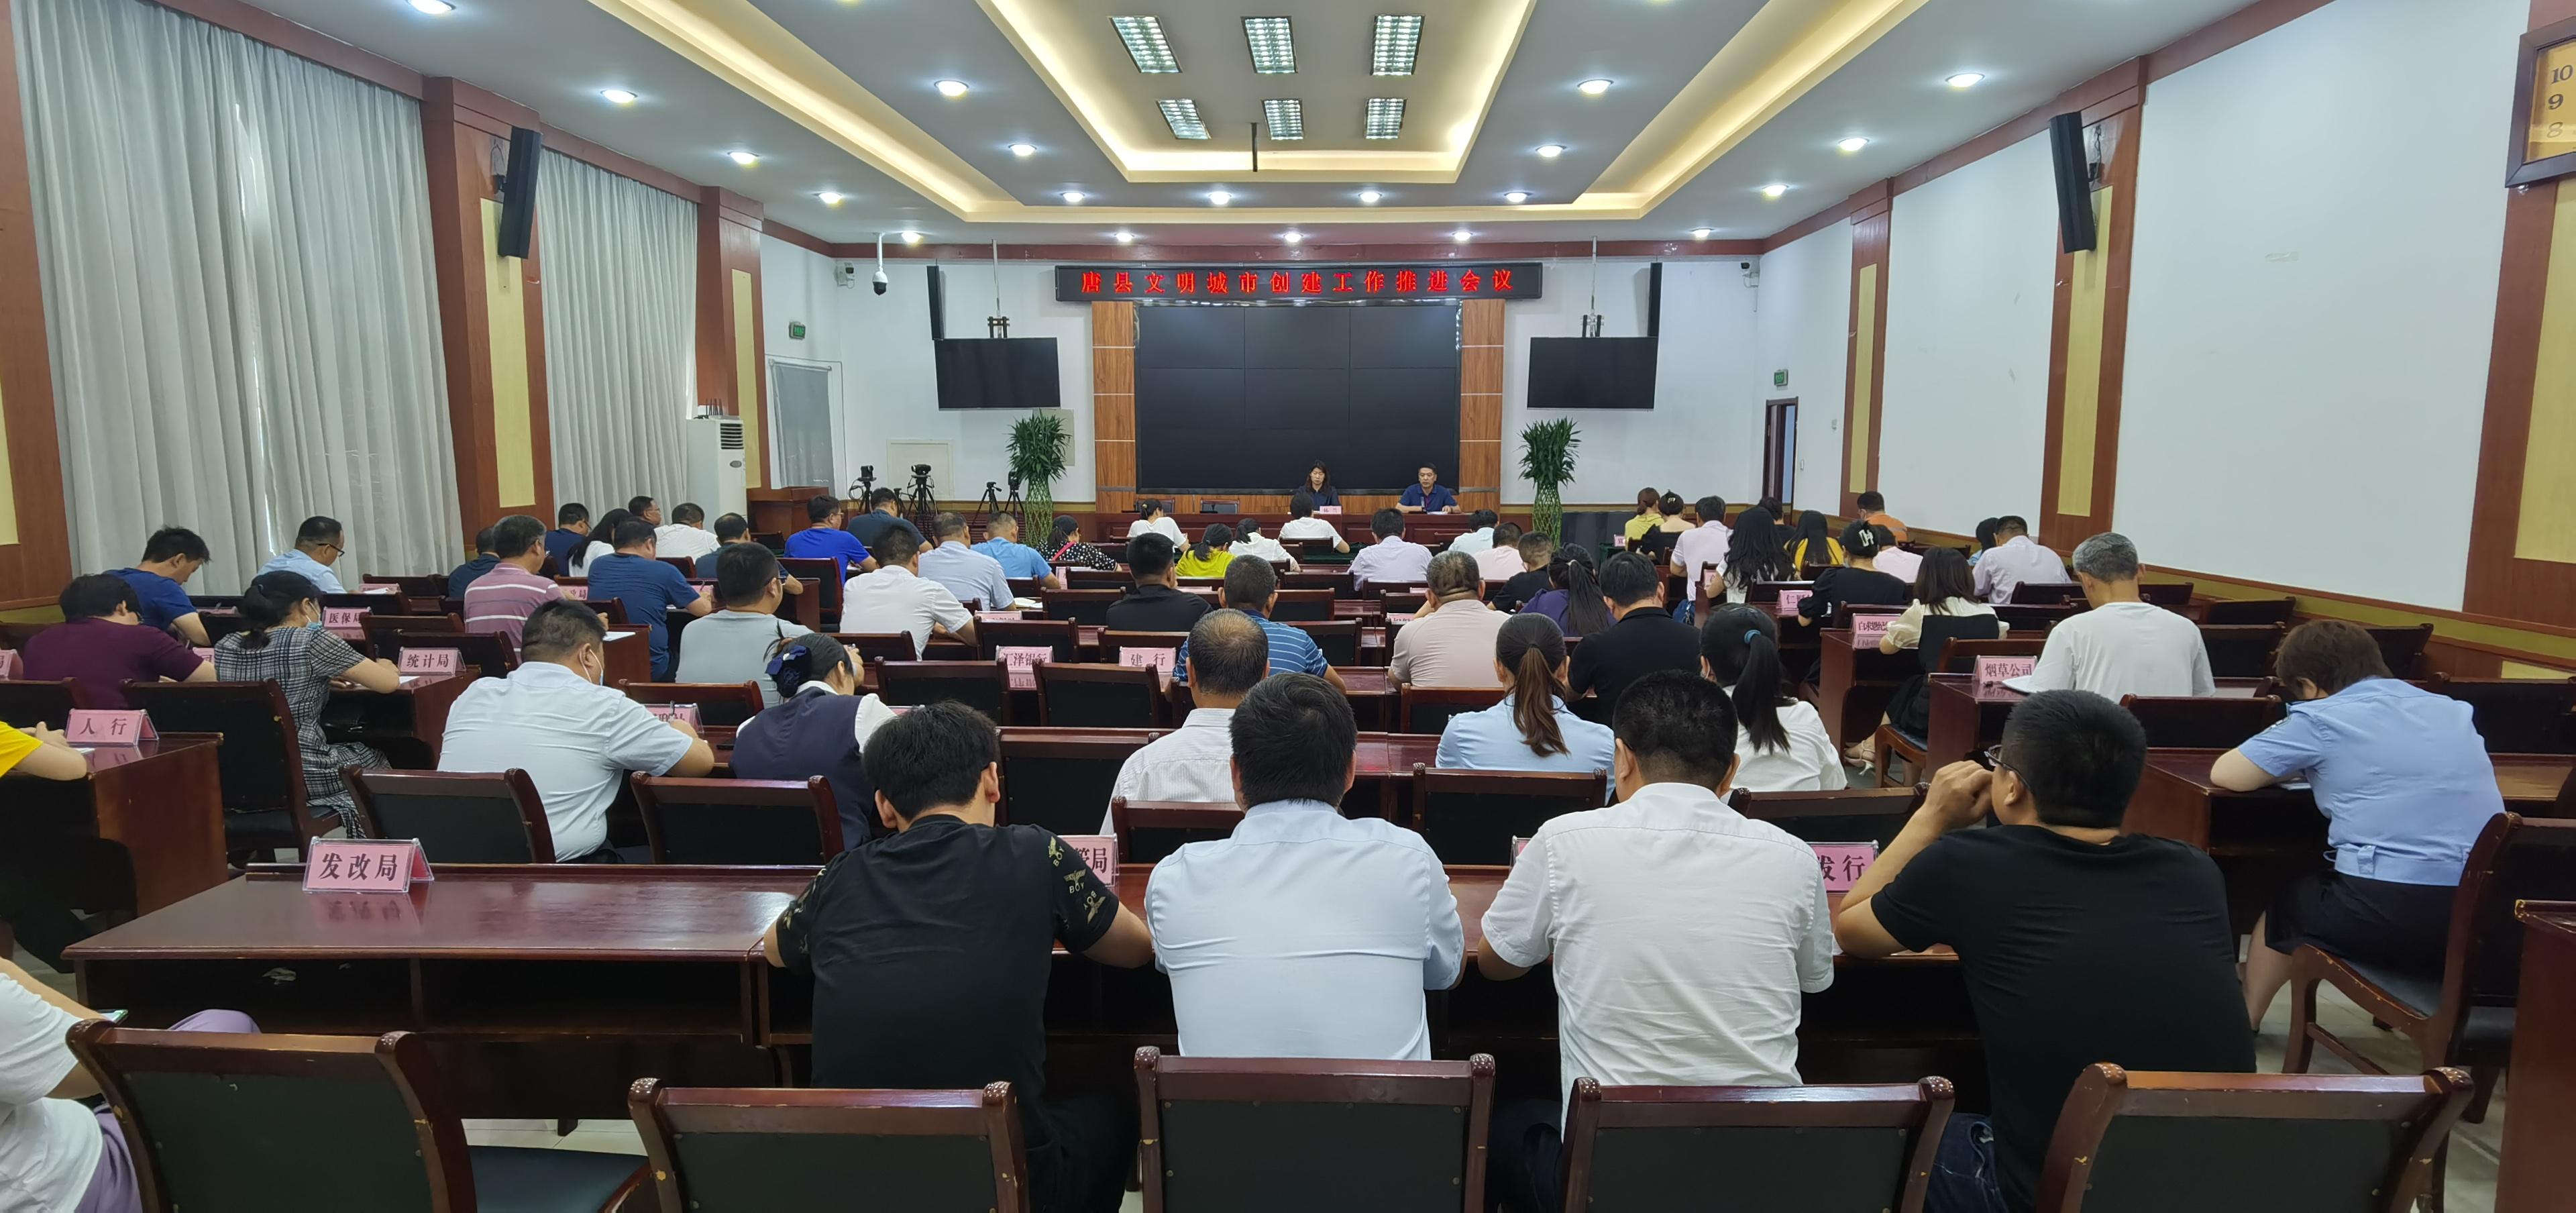 7月12日,唐县召开文明城市创建推进会.jpg